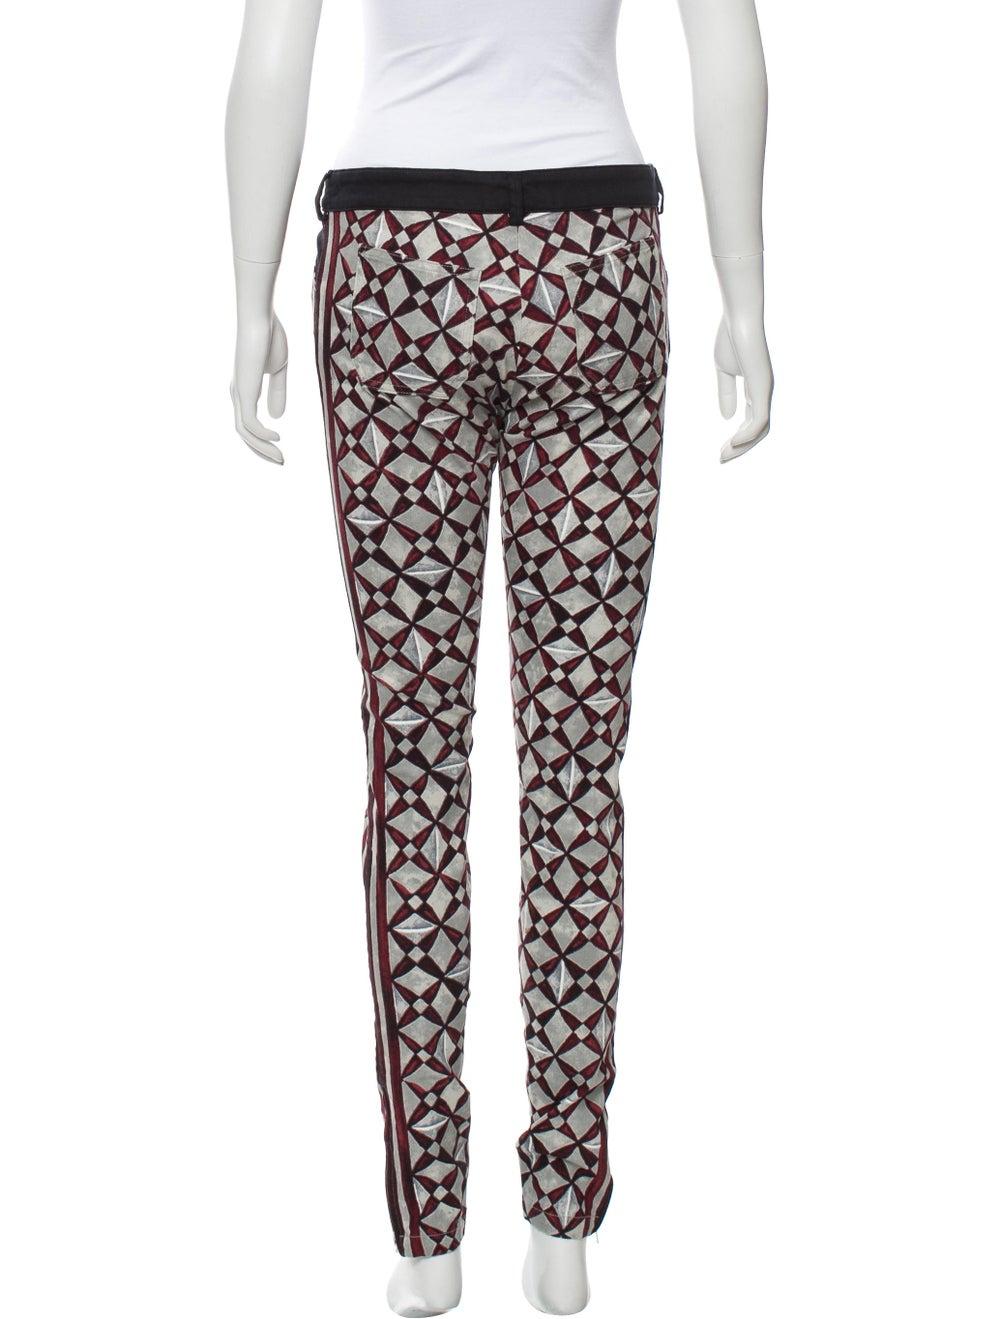 Balenciaga Mid-Rise Printed Jeans Grey - image 3